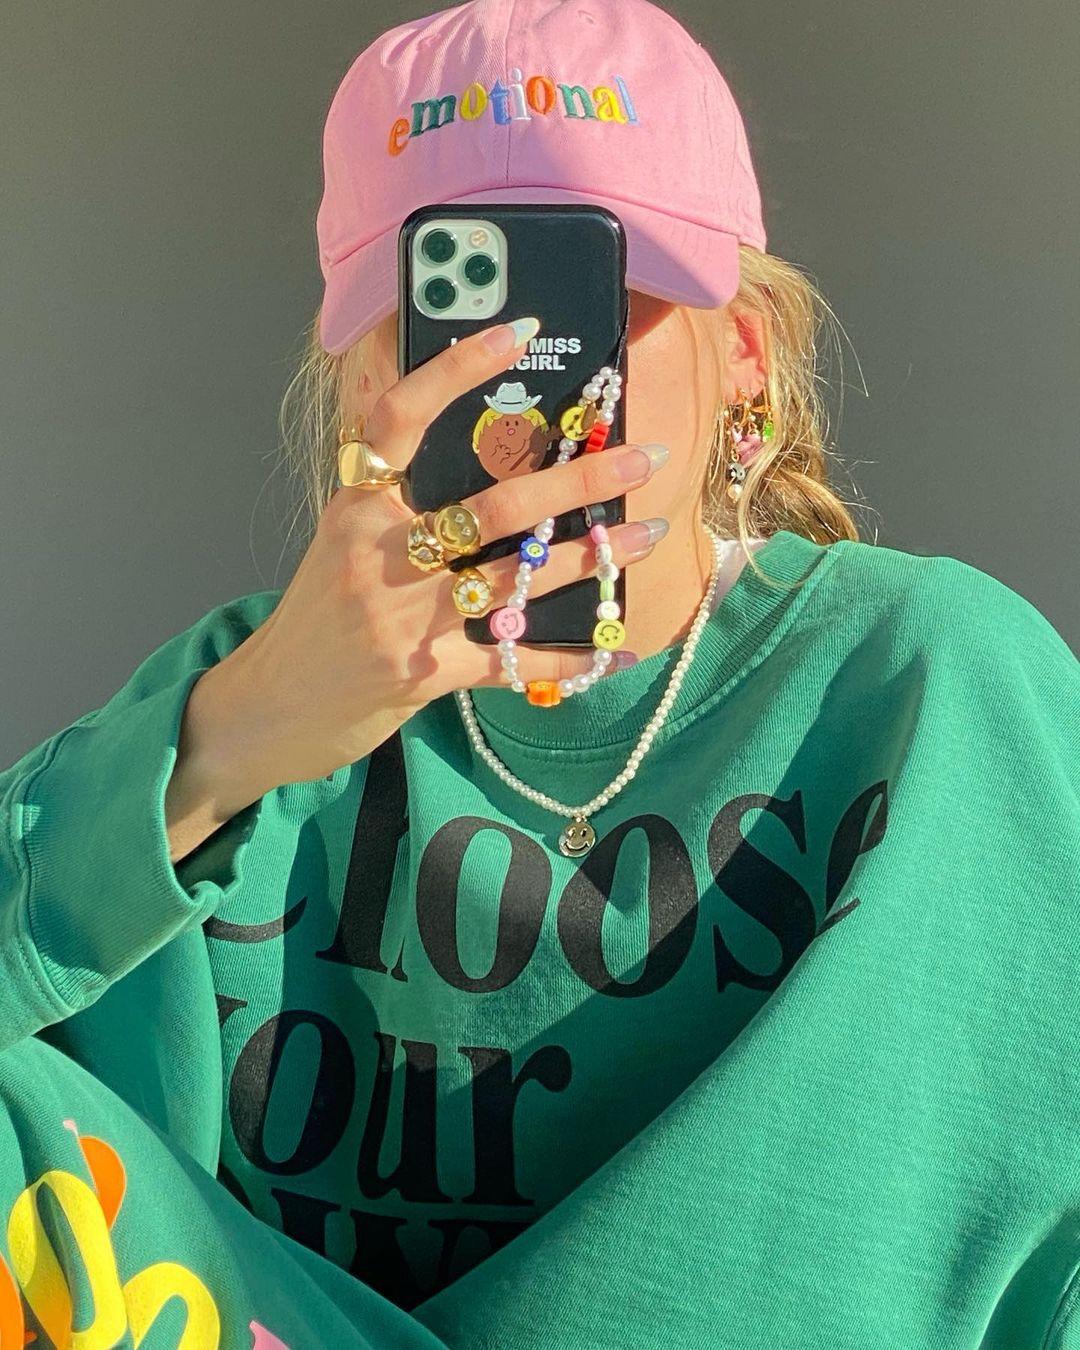 Garota usando boné rosa, moletom verde enquanto tira foto em frente ao espelho. Ela está cobrindo o rosto com seu celular, que tem uma cordinha de miçangas pendurada.